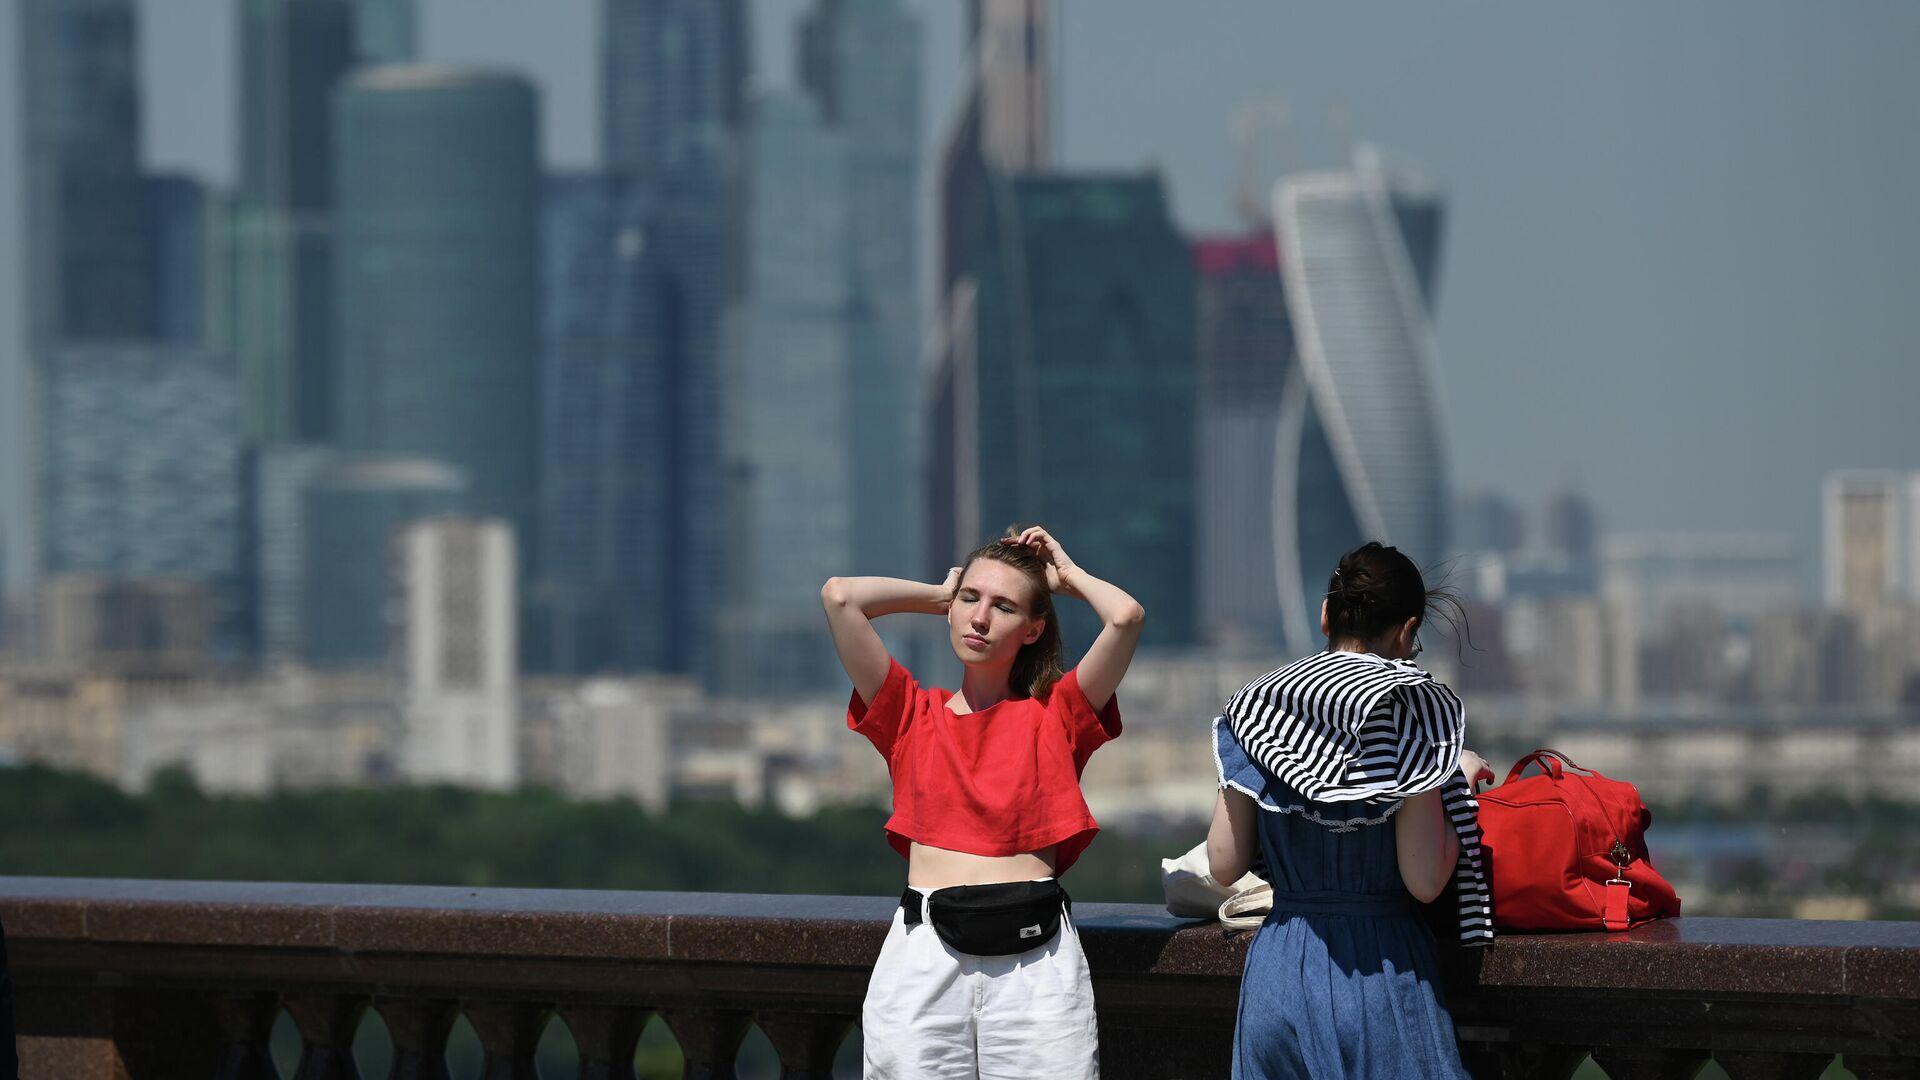 Девушки в жаркую погоду на Воробьёвской набережной - РИА Новости, 1920, 24.06.2021